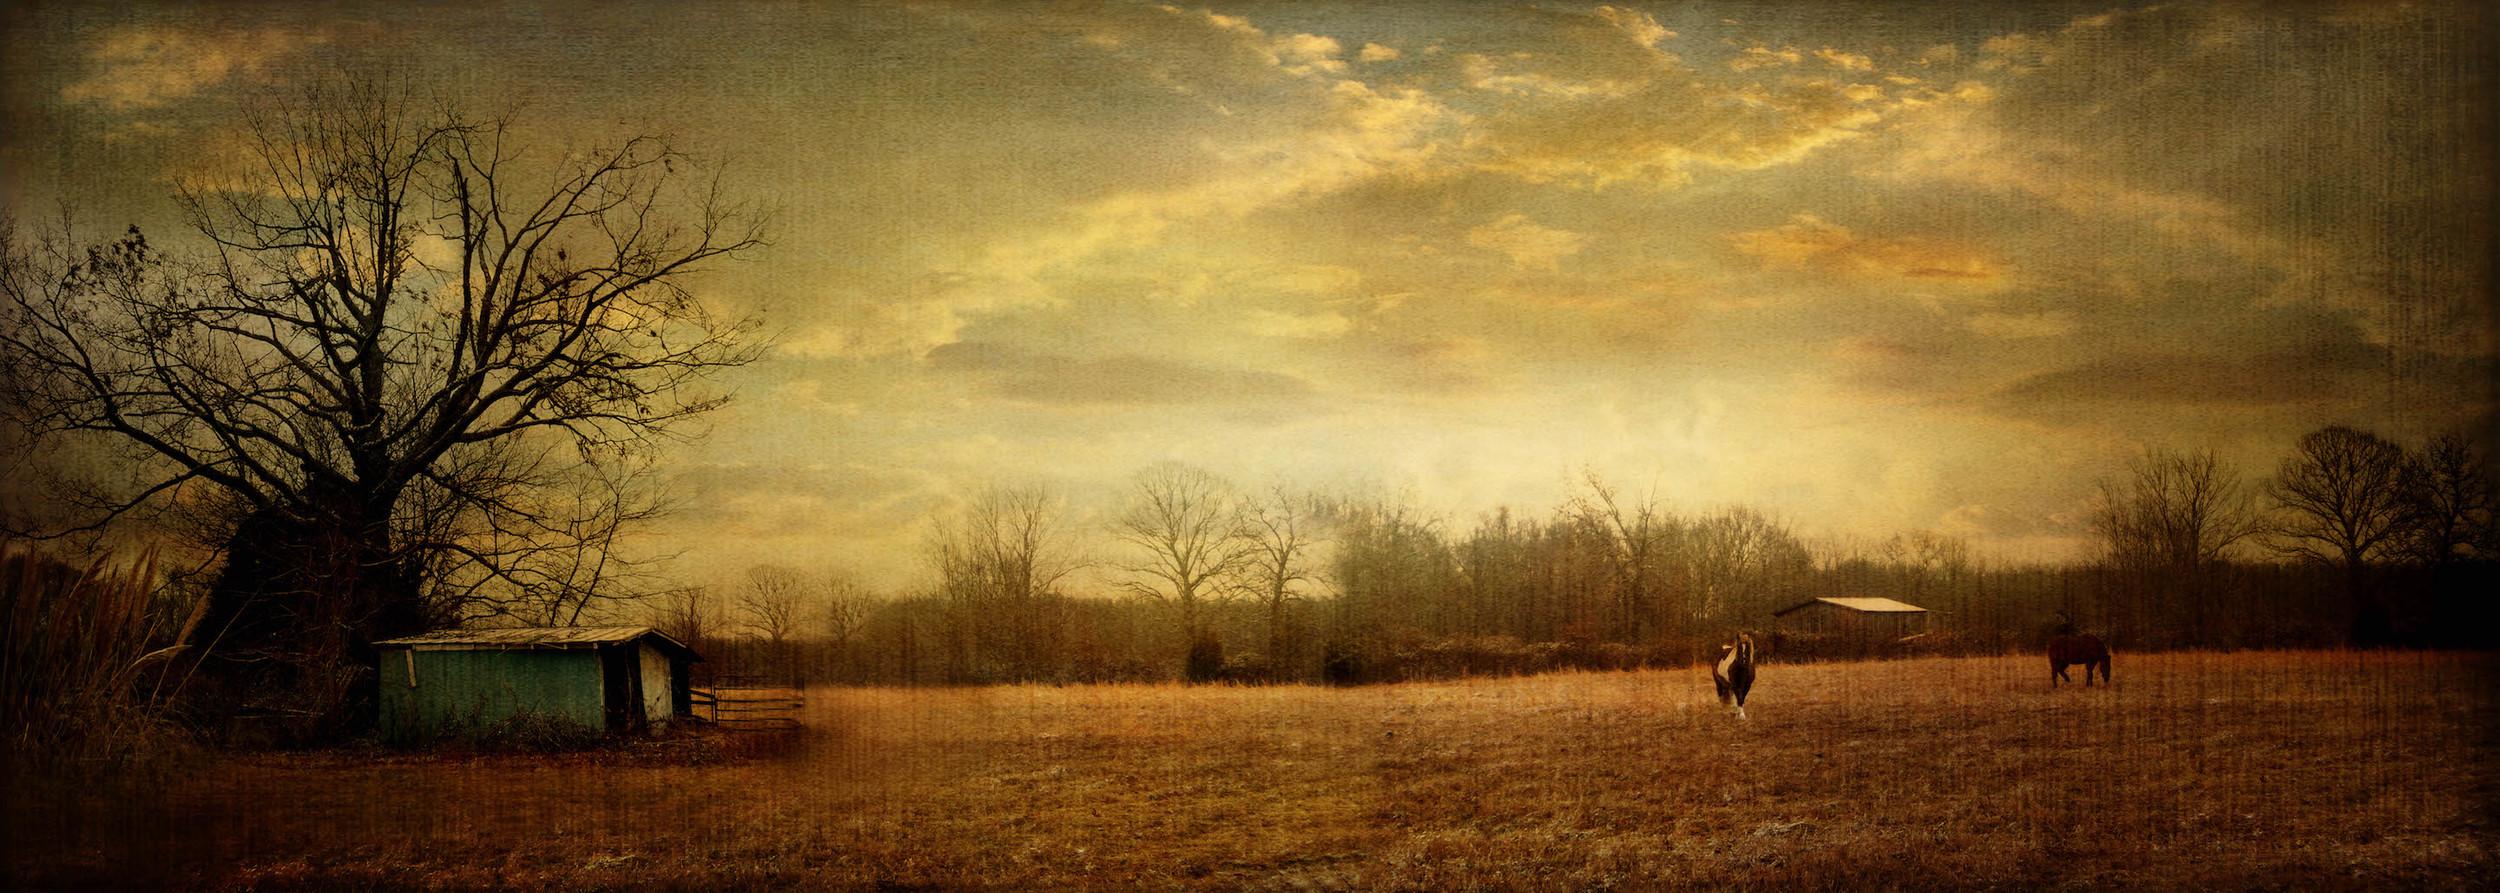 tennessee pasture.jpg